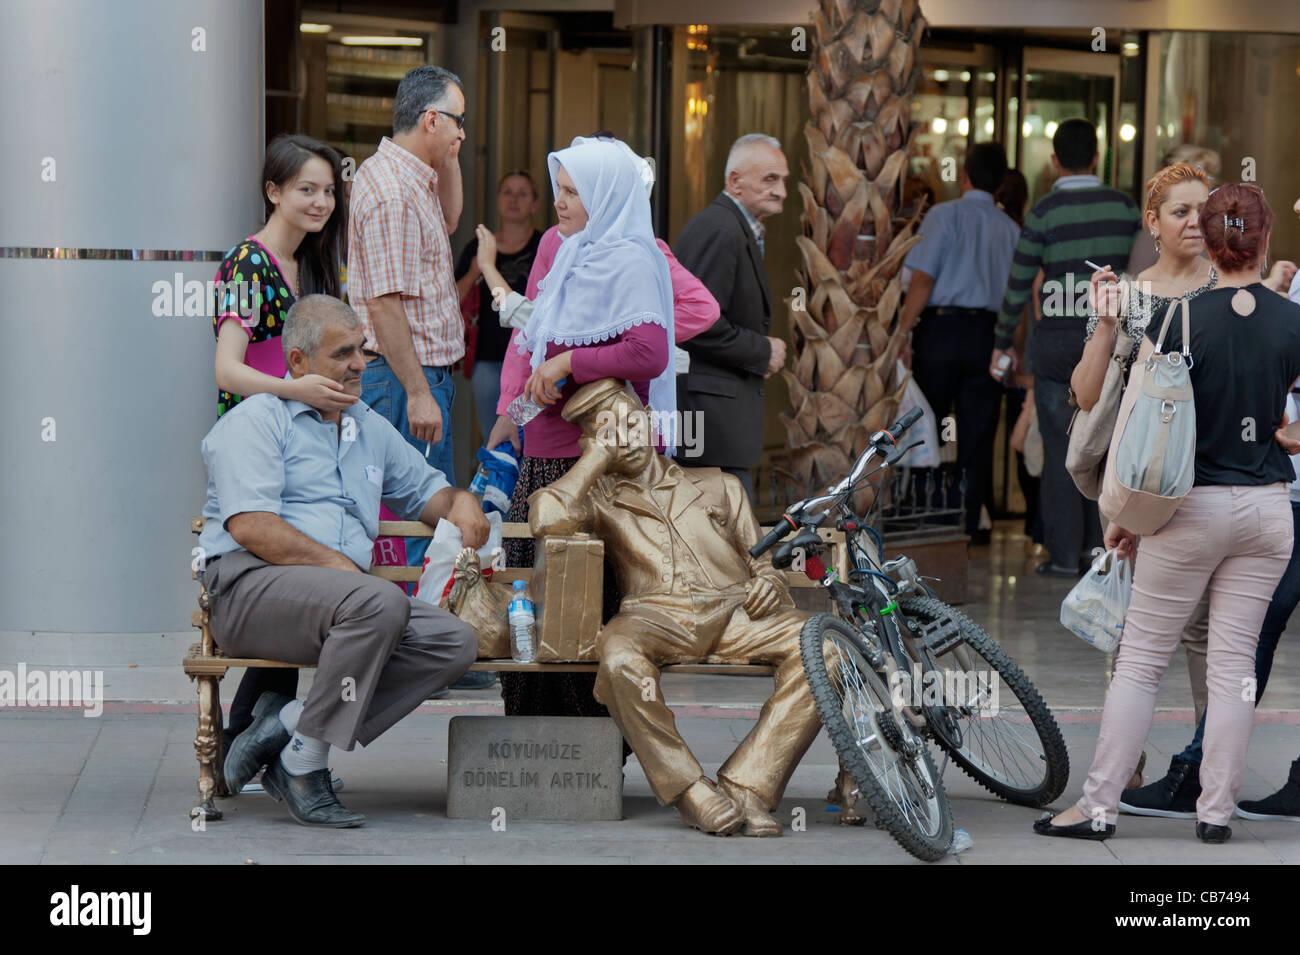 People in Eskişehir Bazaar Turkey - Stock Image